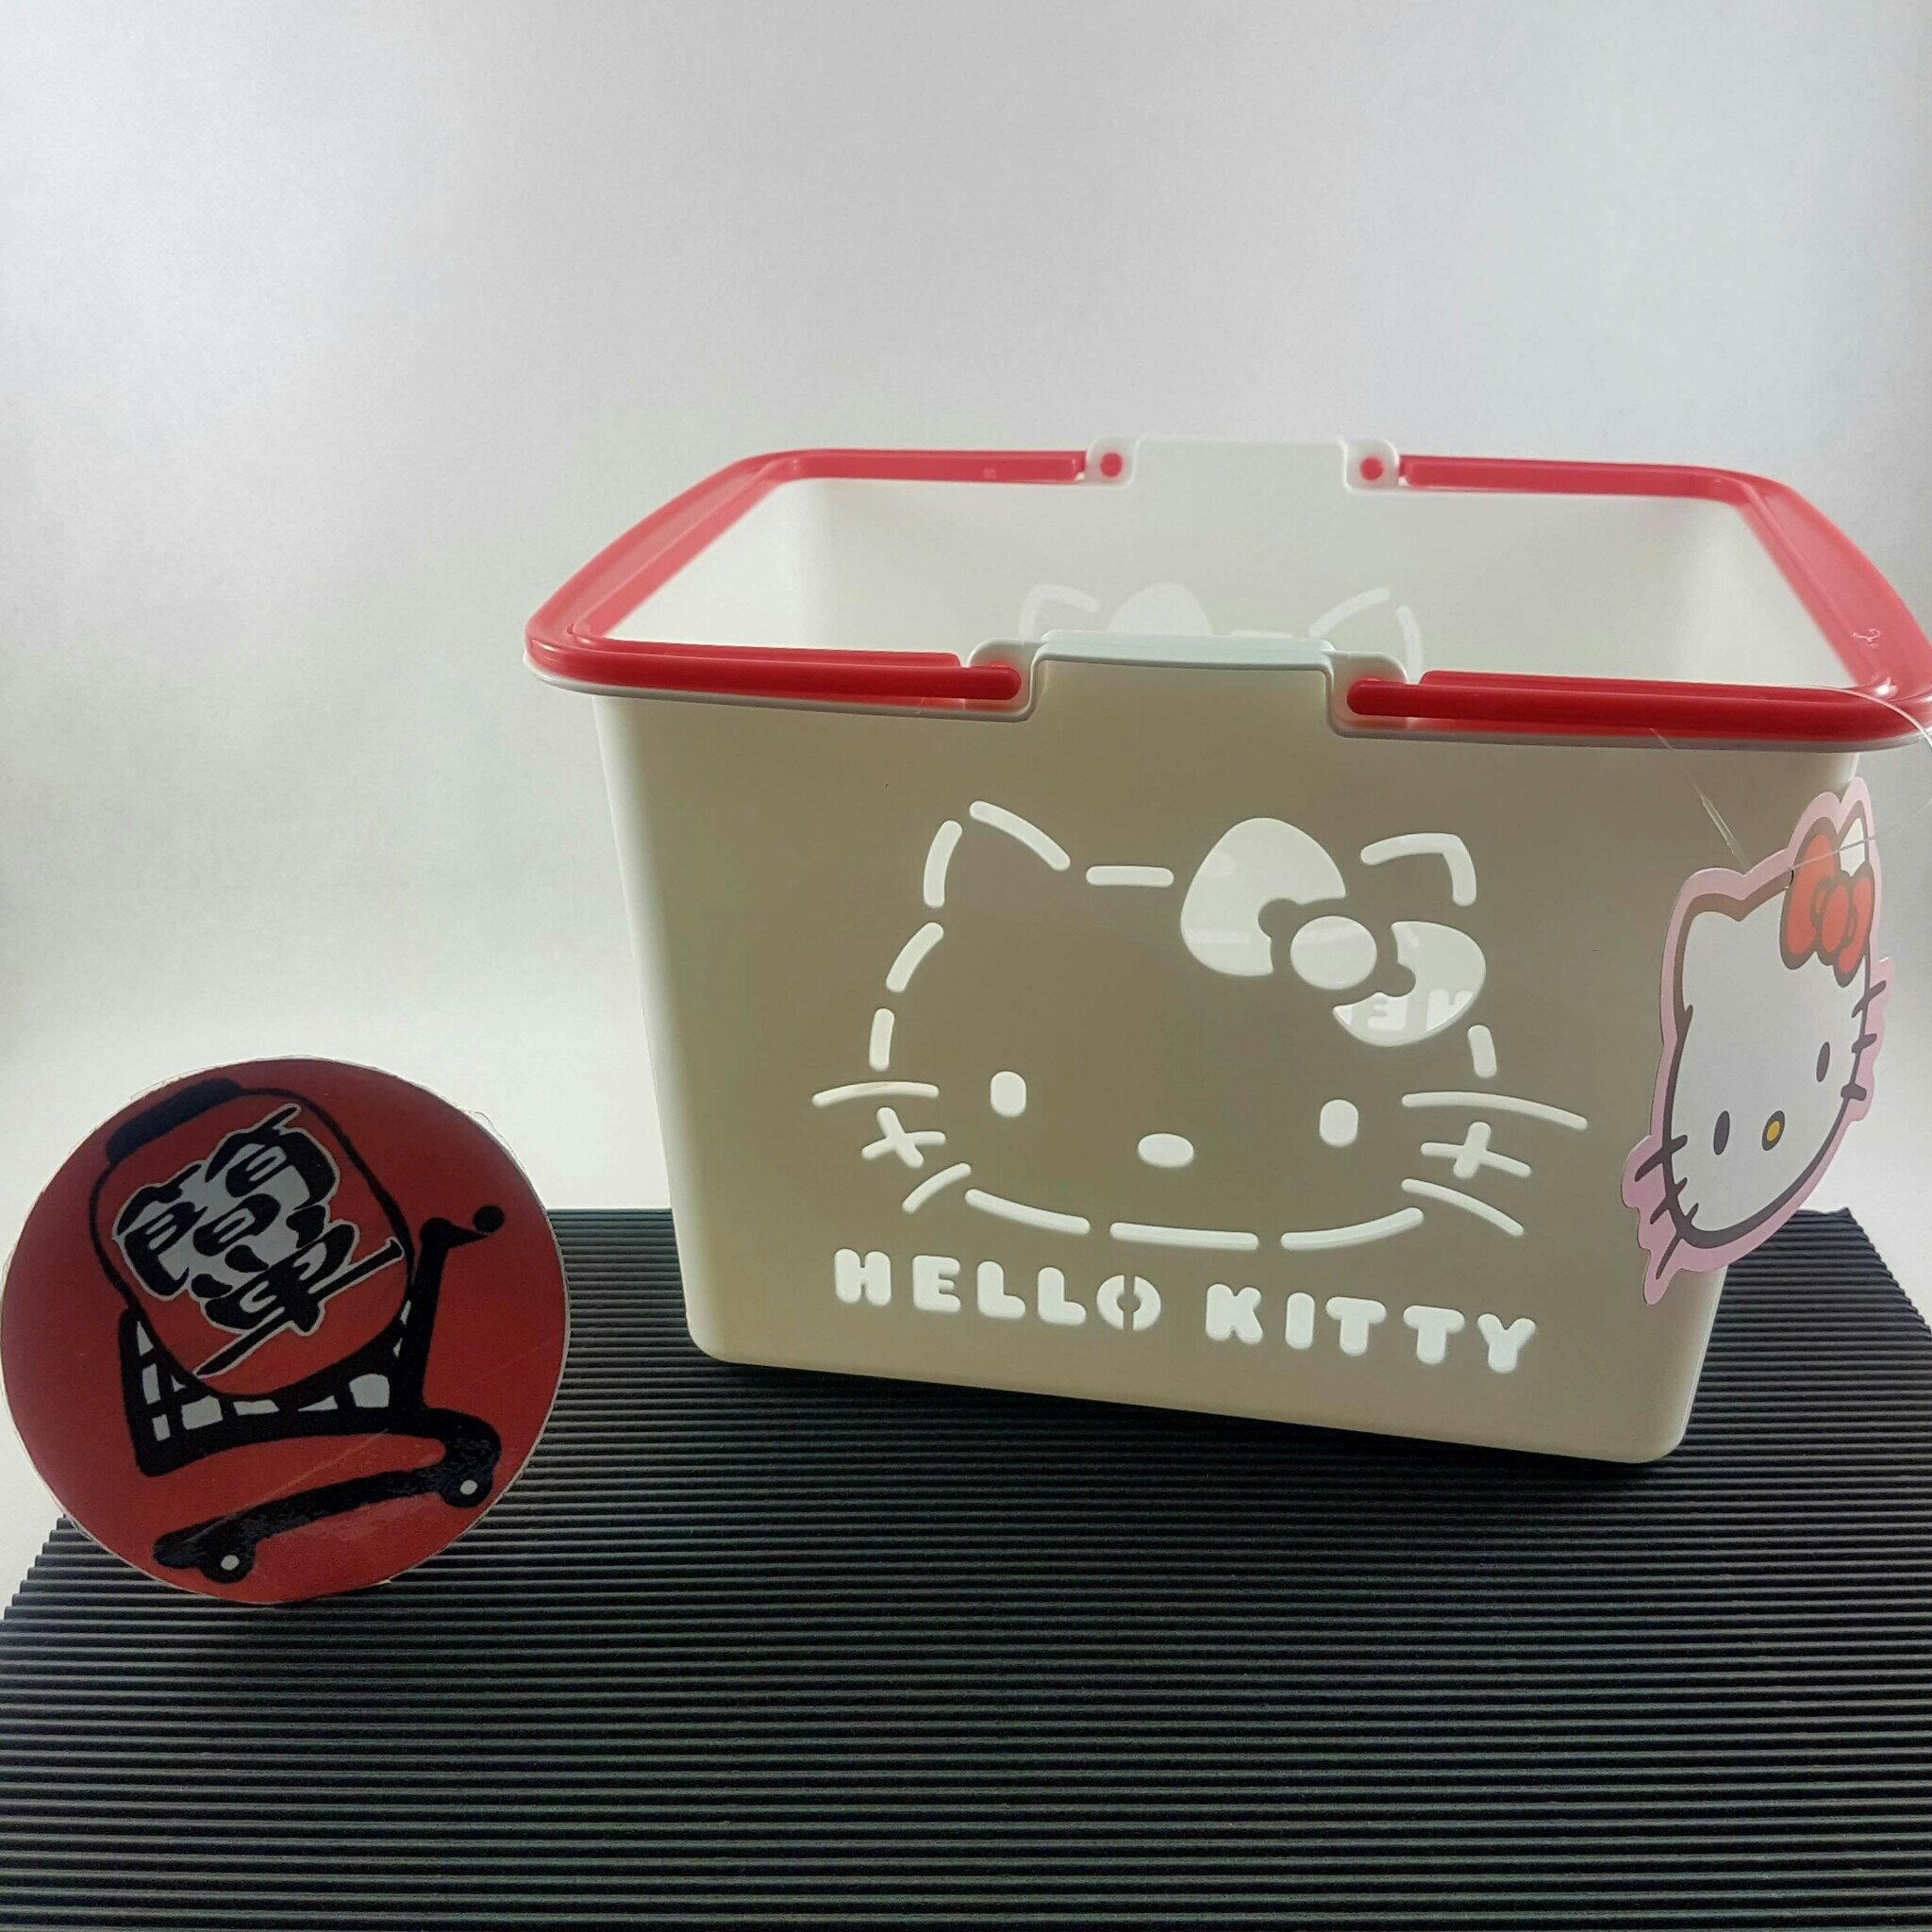 『簡?全球購』三麗鷗 HELLO KITTY白色小朋友玩具提籃 迷你菜籃 日本製